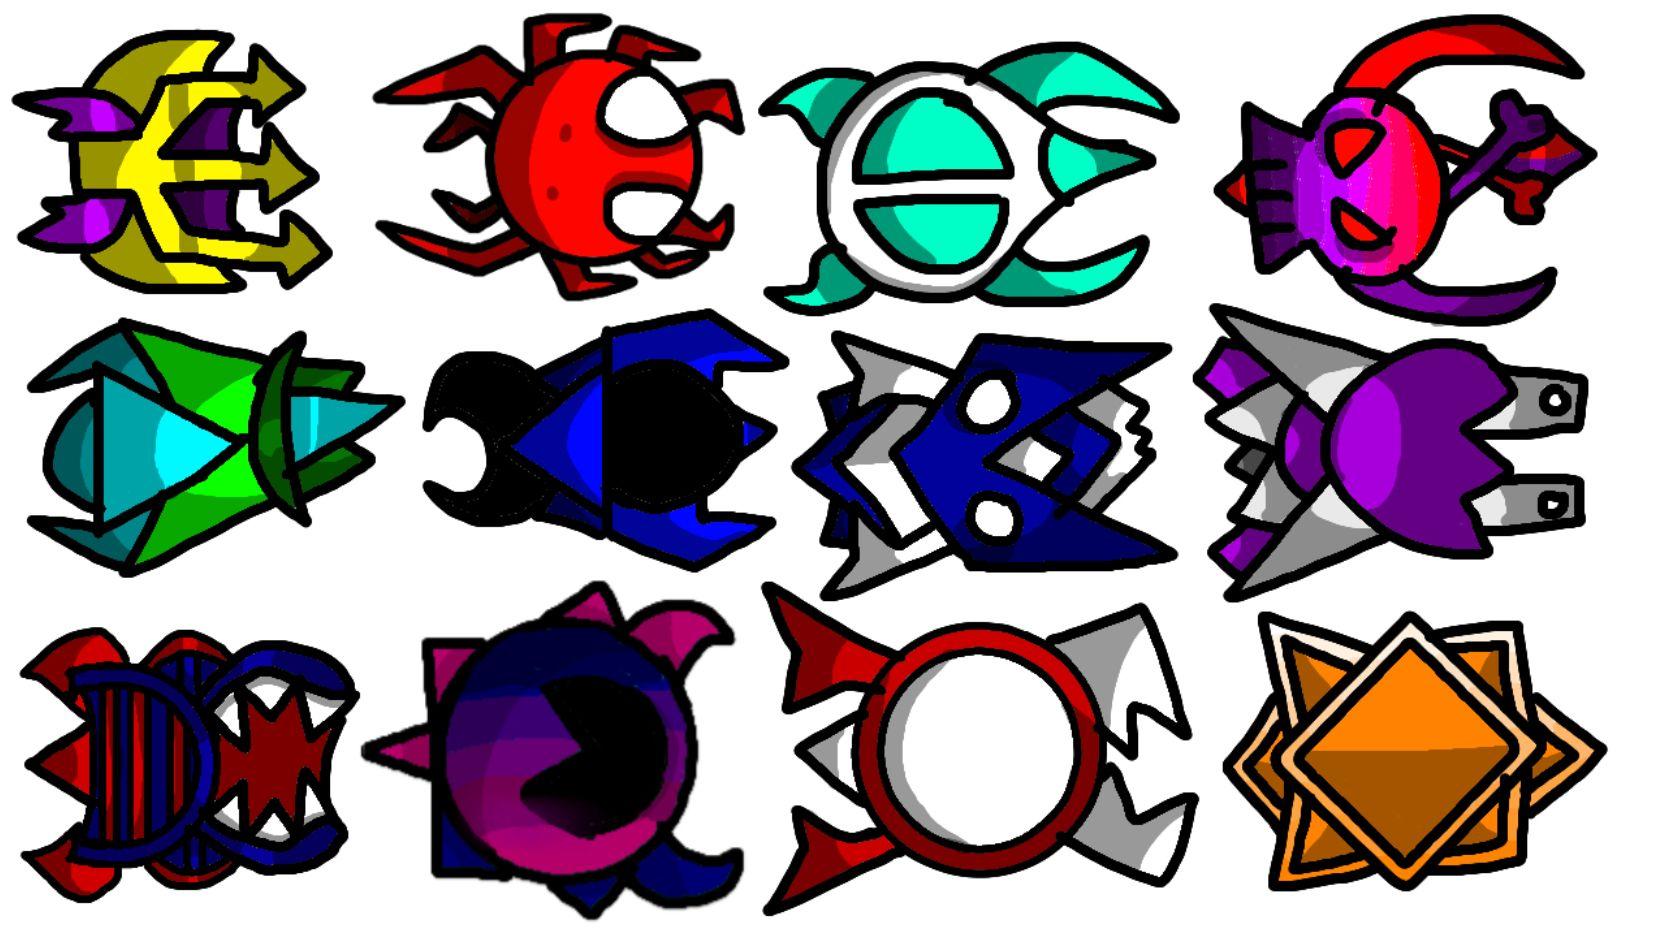 geometry dash 2.0 apk original